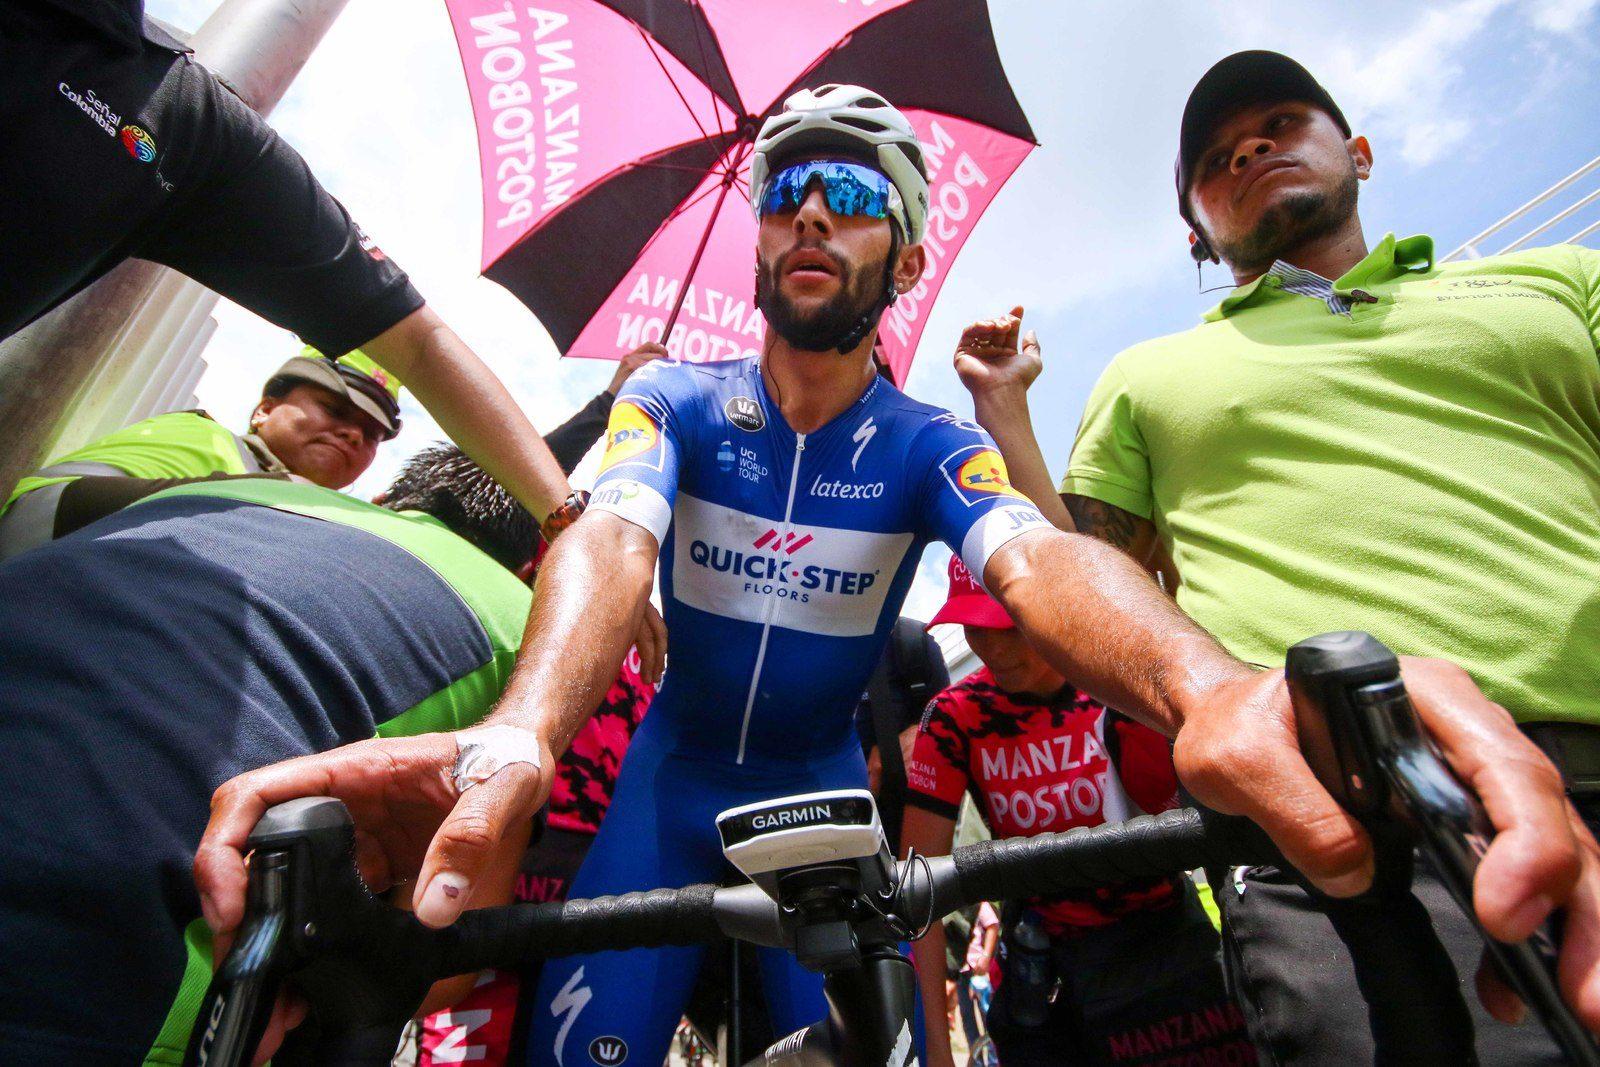 Фернандо Гавирия выиграл первый этап велогонки Colombia Oro y Paz